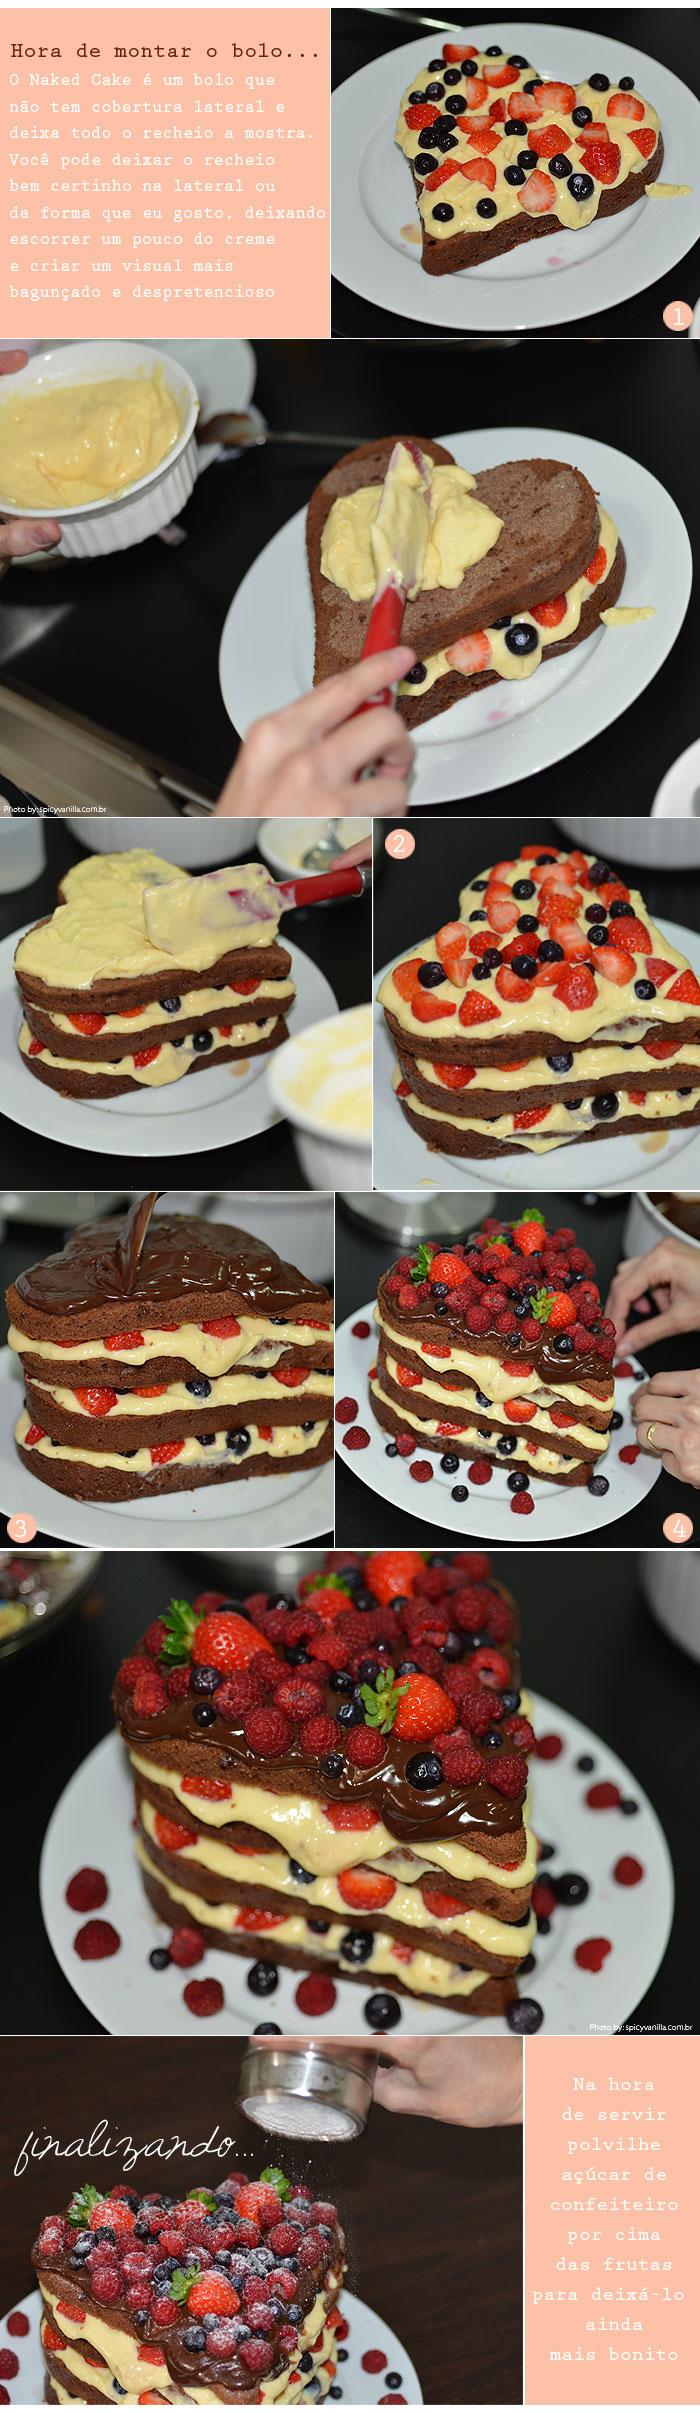 naked_cake_2